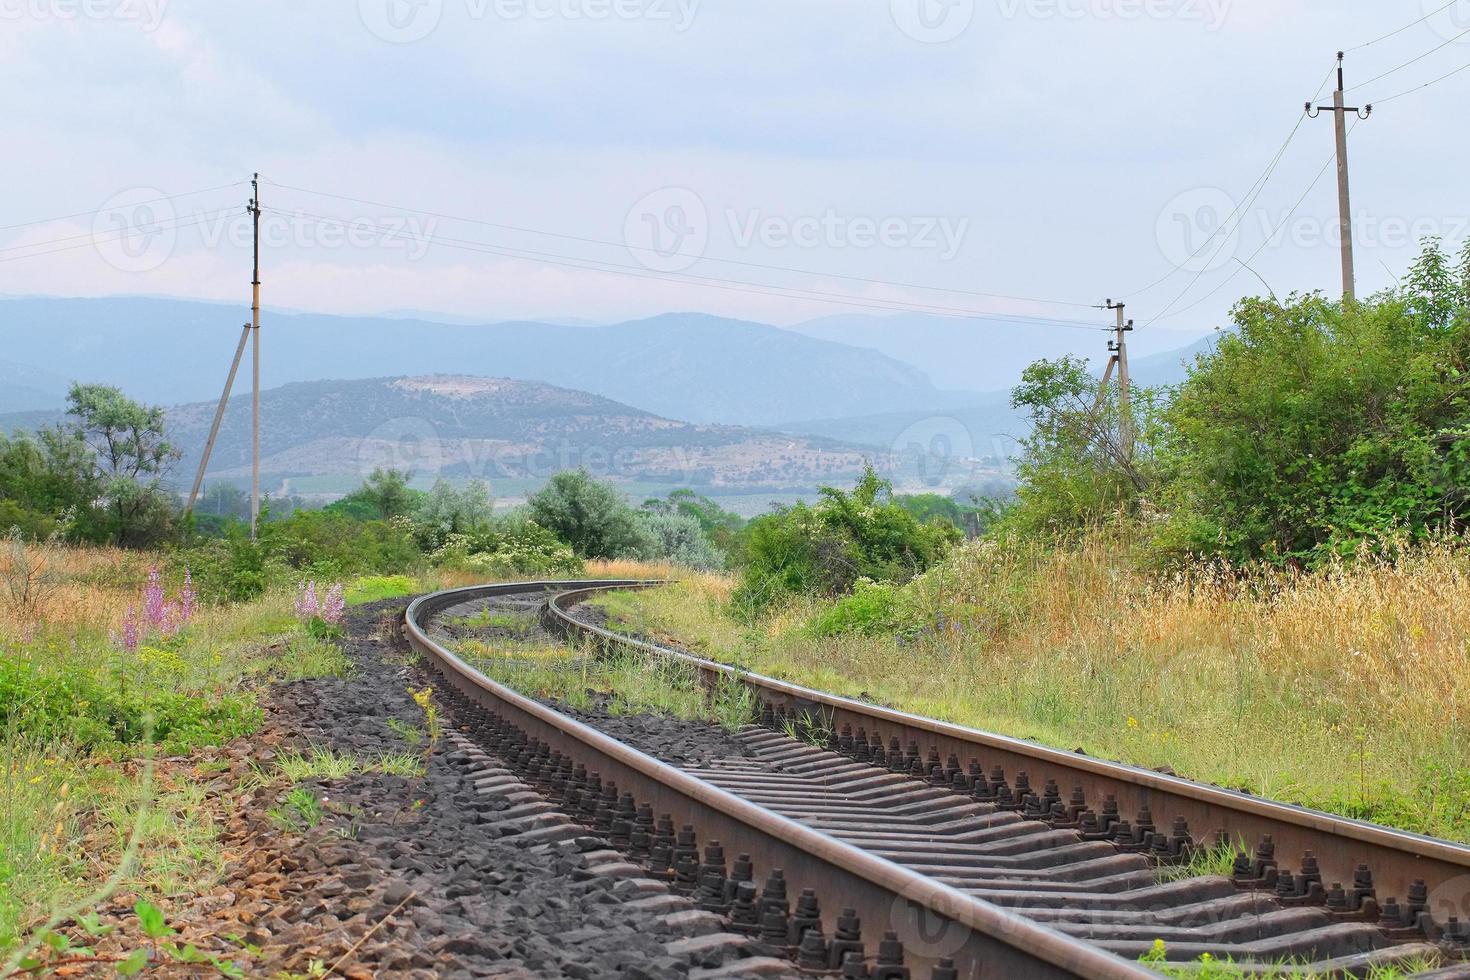 utsikt över järnvägsspår foto